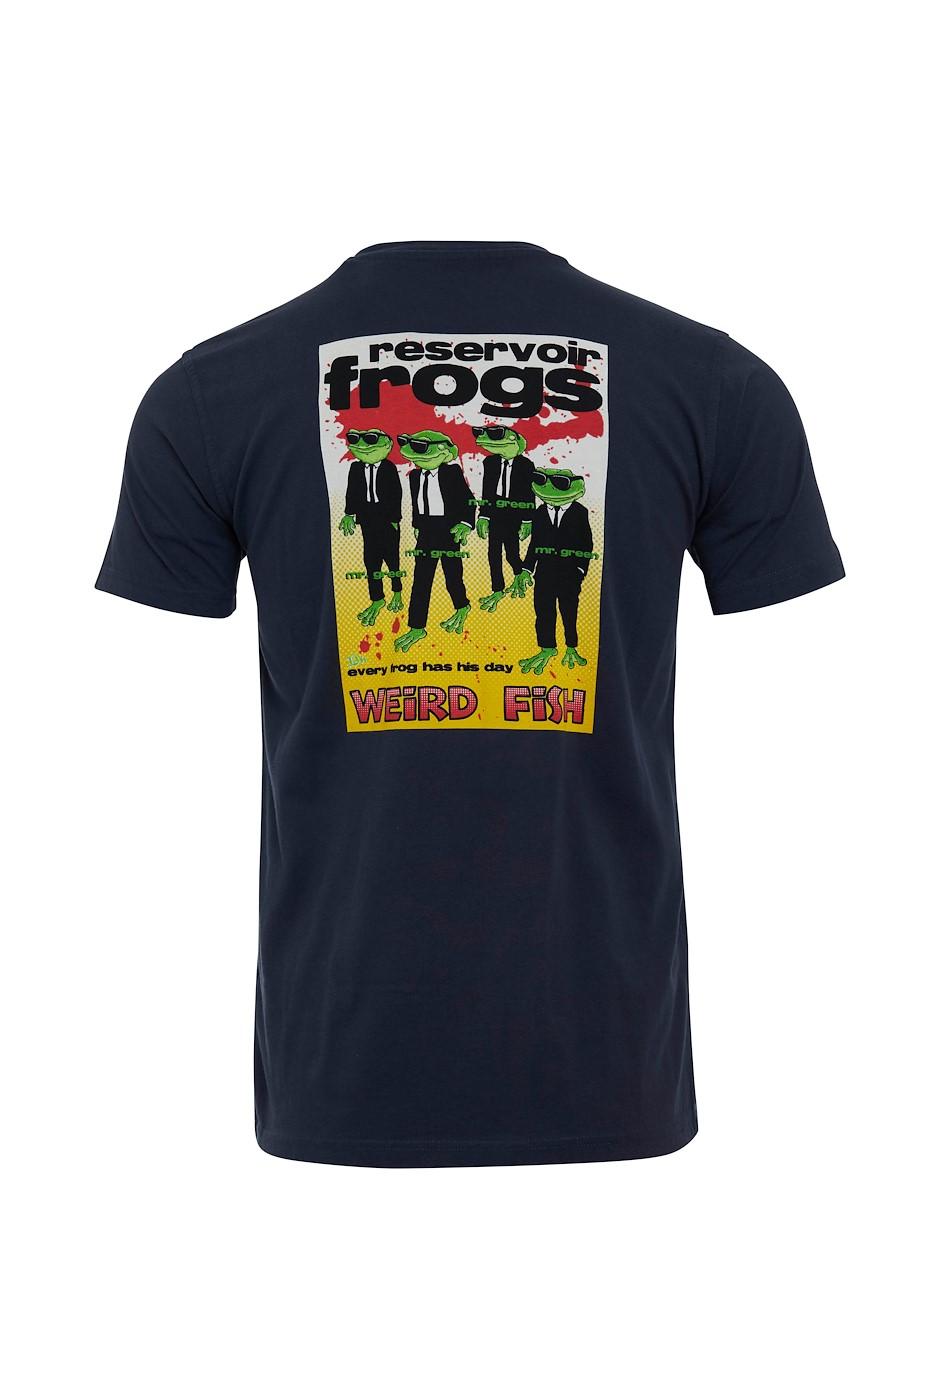 Reservoir Frogs Organic Cotton Artist T-Shirt Navy